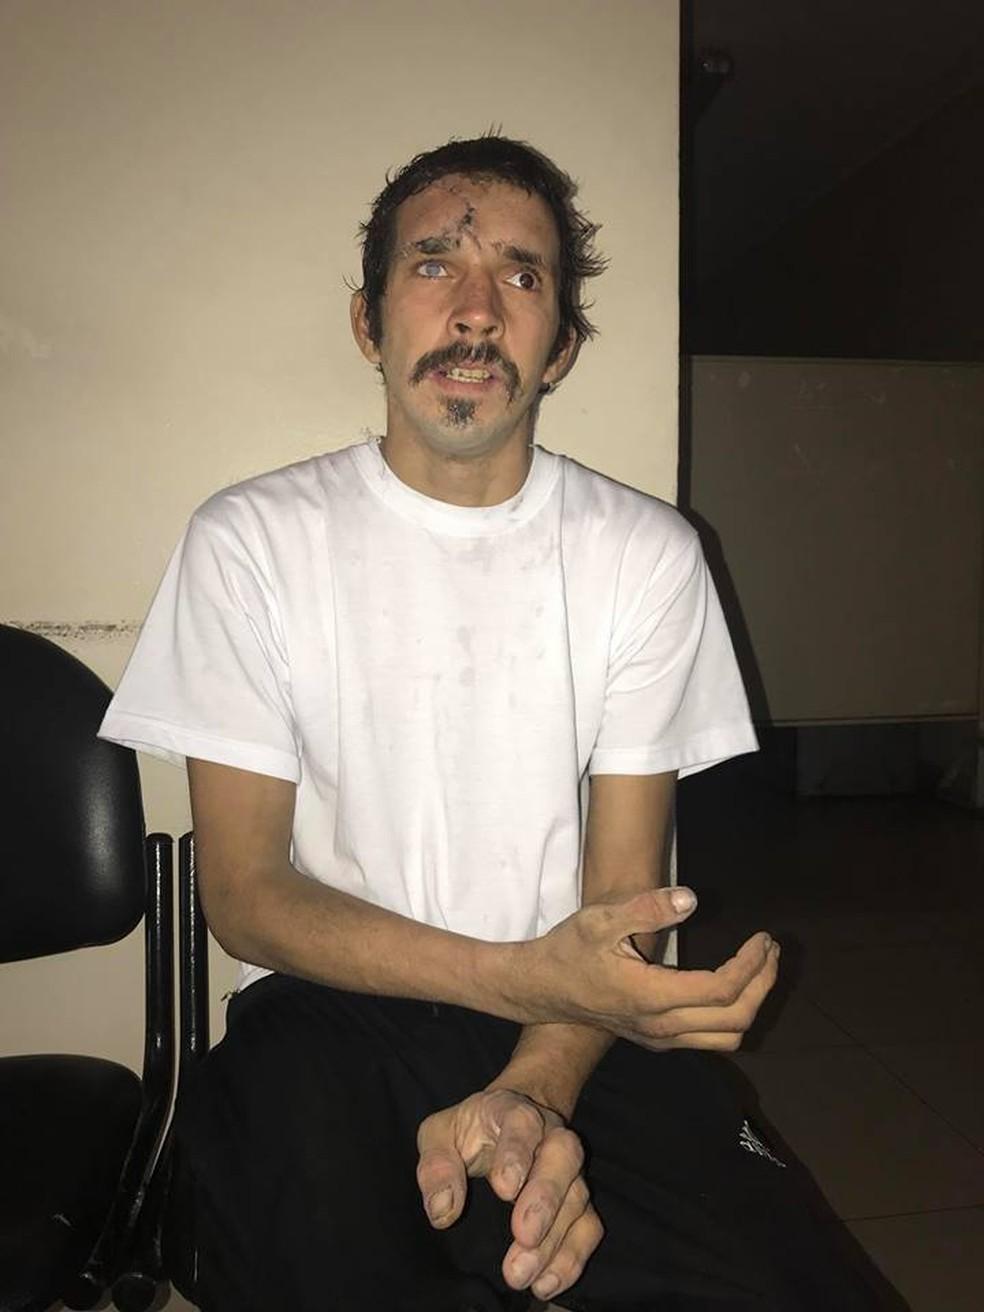 Ariel Alberto Nacer desapareceu em Buenos Aires e foi encontrado no Peru (Foto: Repforudção/Facebook/ Florence Arce Ross)